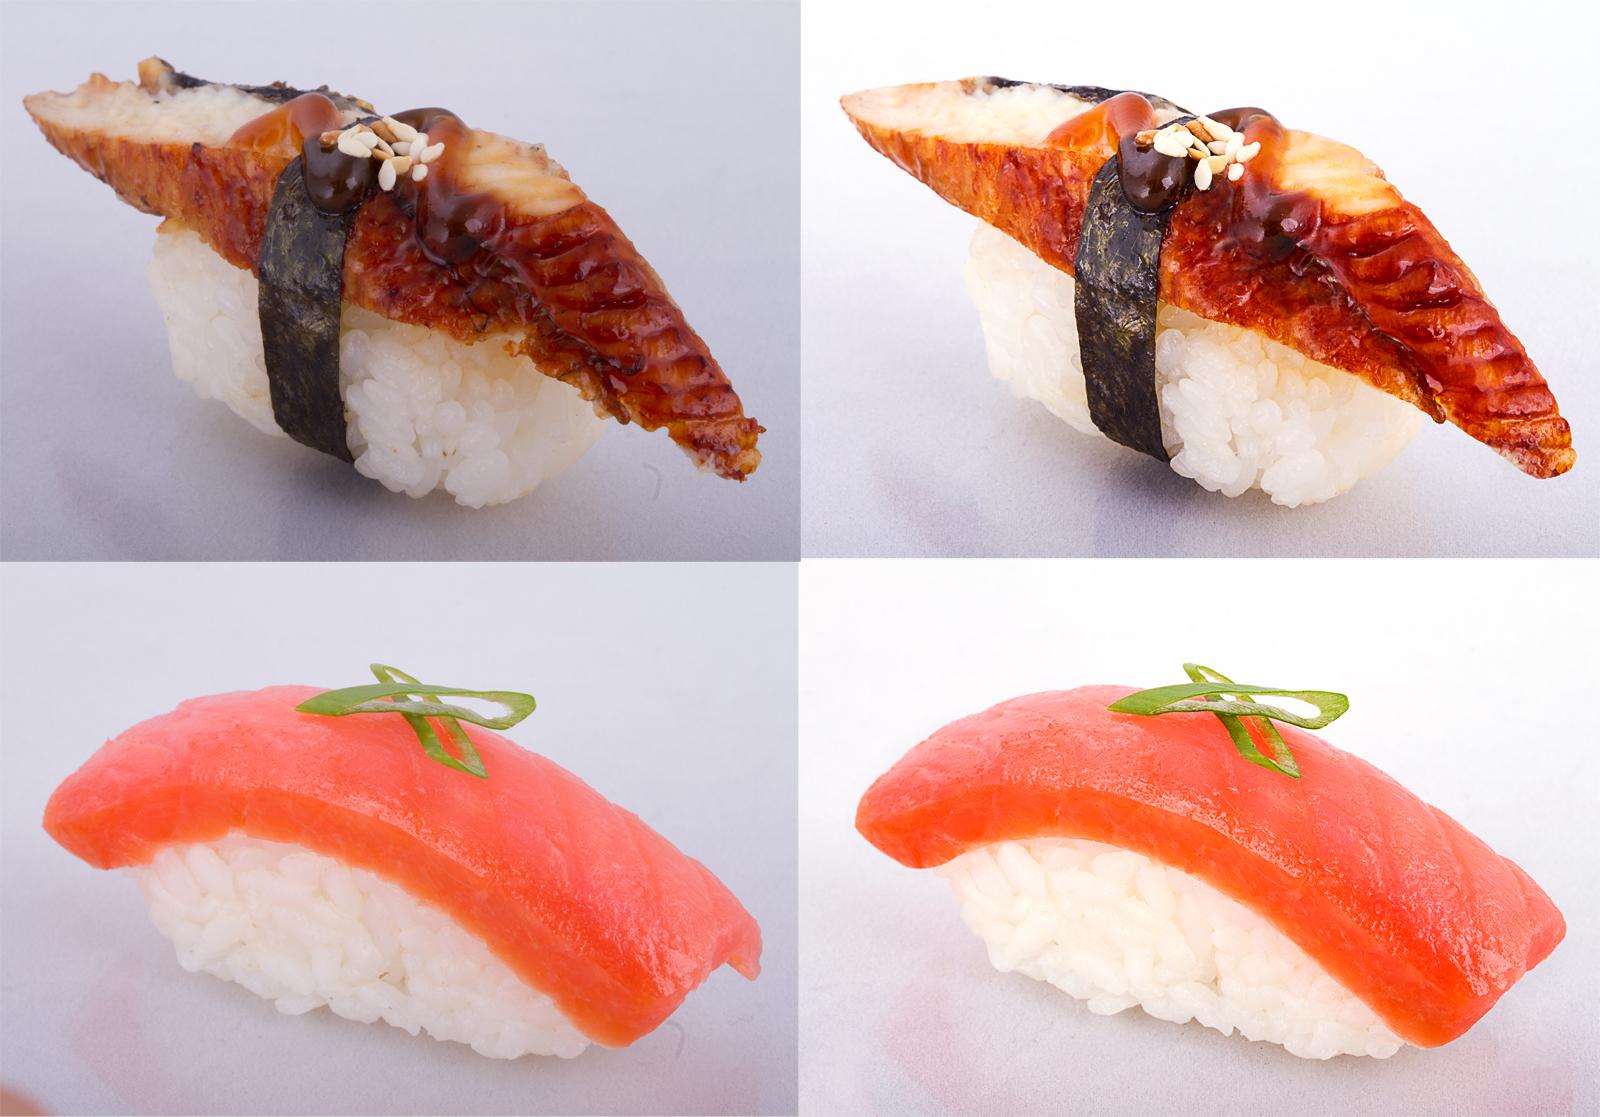 Обработка фото блюд японской кухни (суши, роллы)